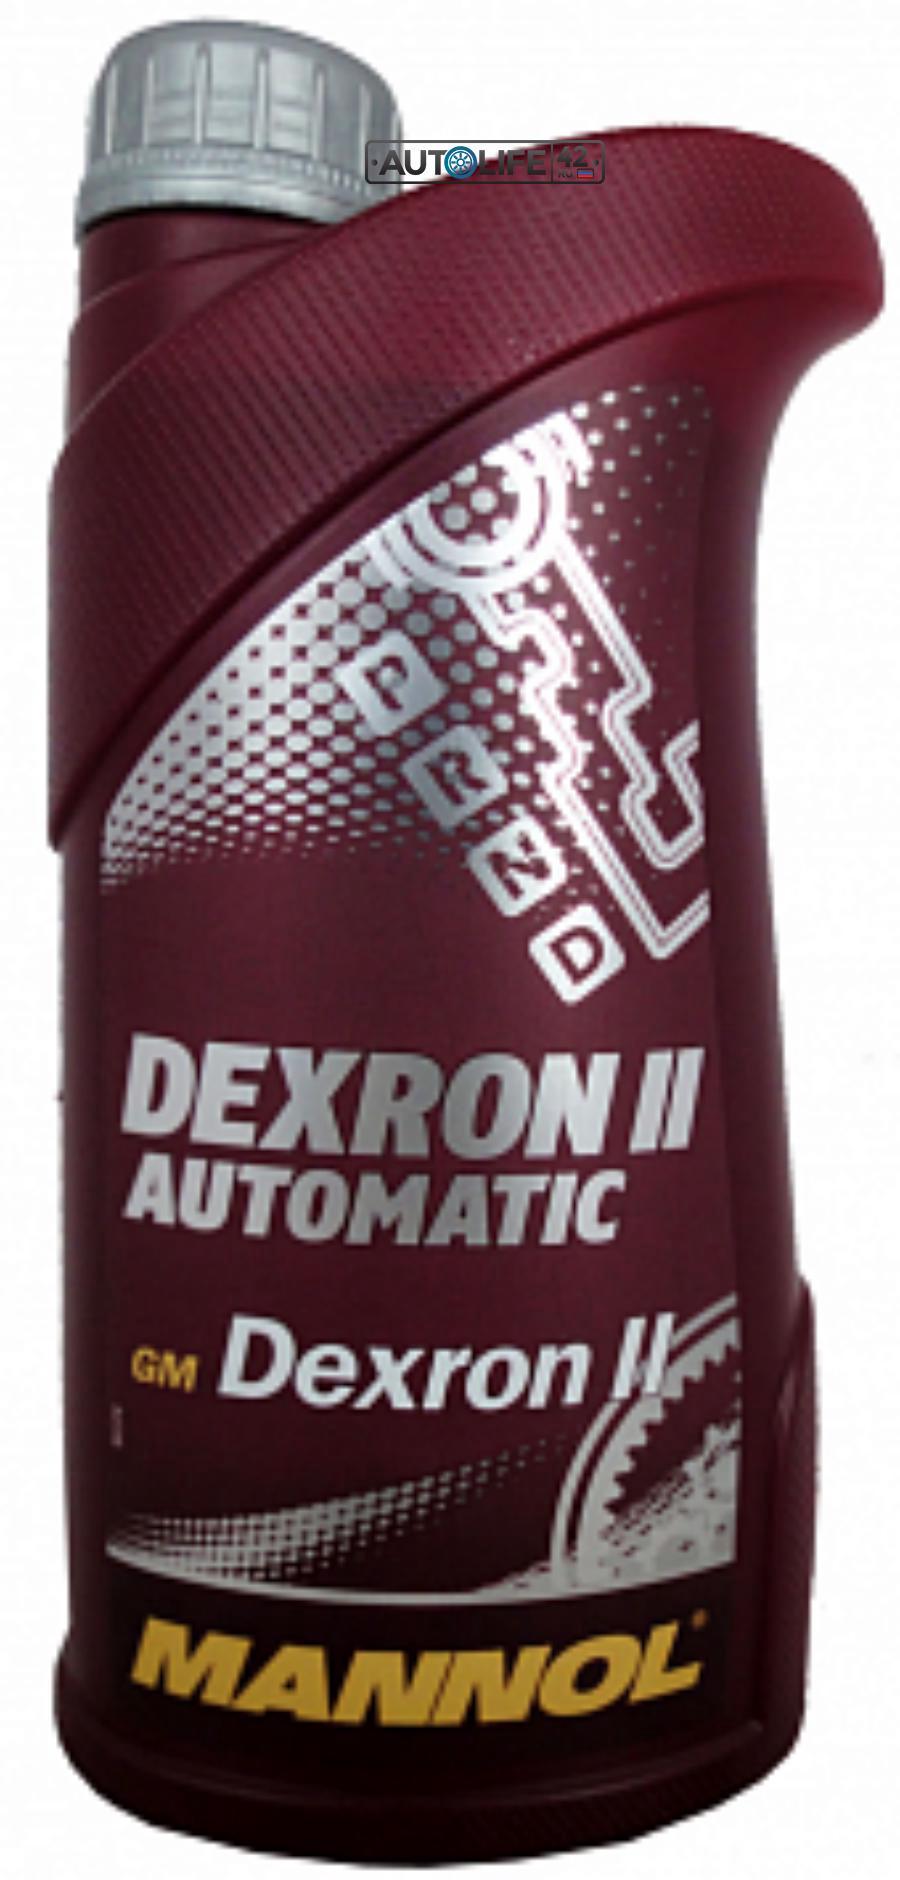 Масло трансмиссионное полусинтетическое Dexron II Automatic, 1л